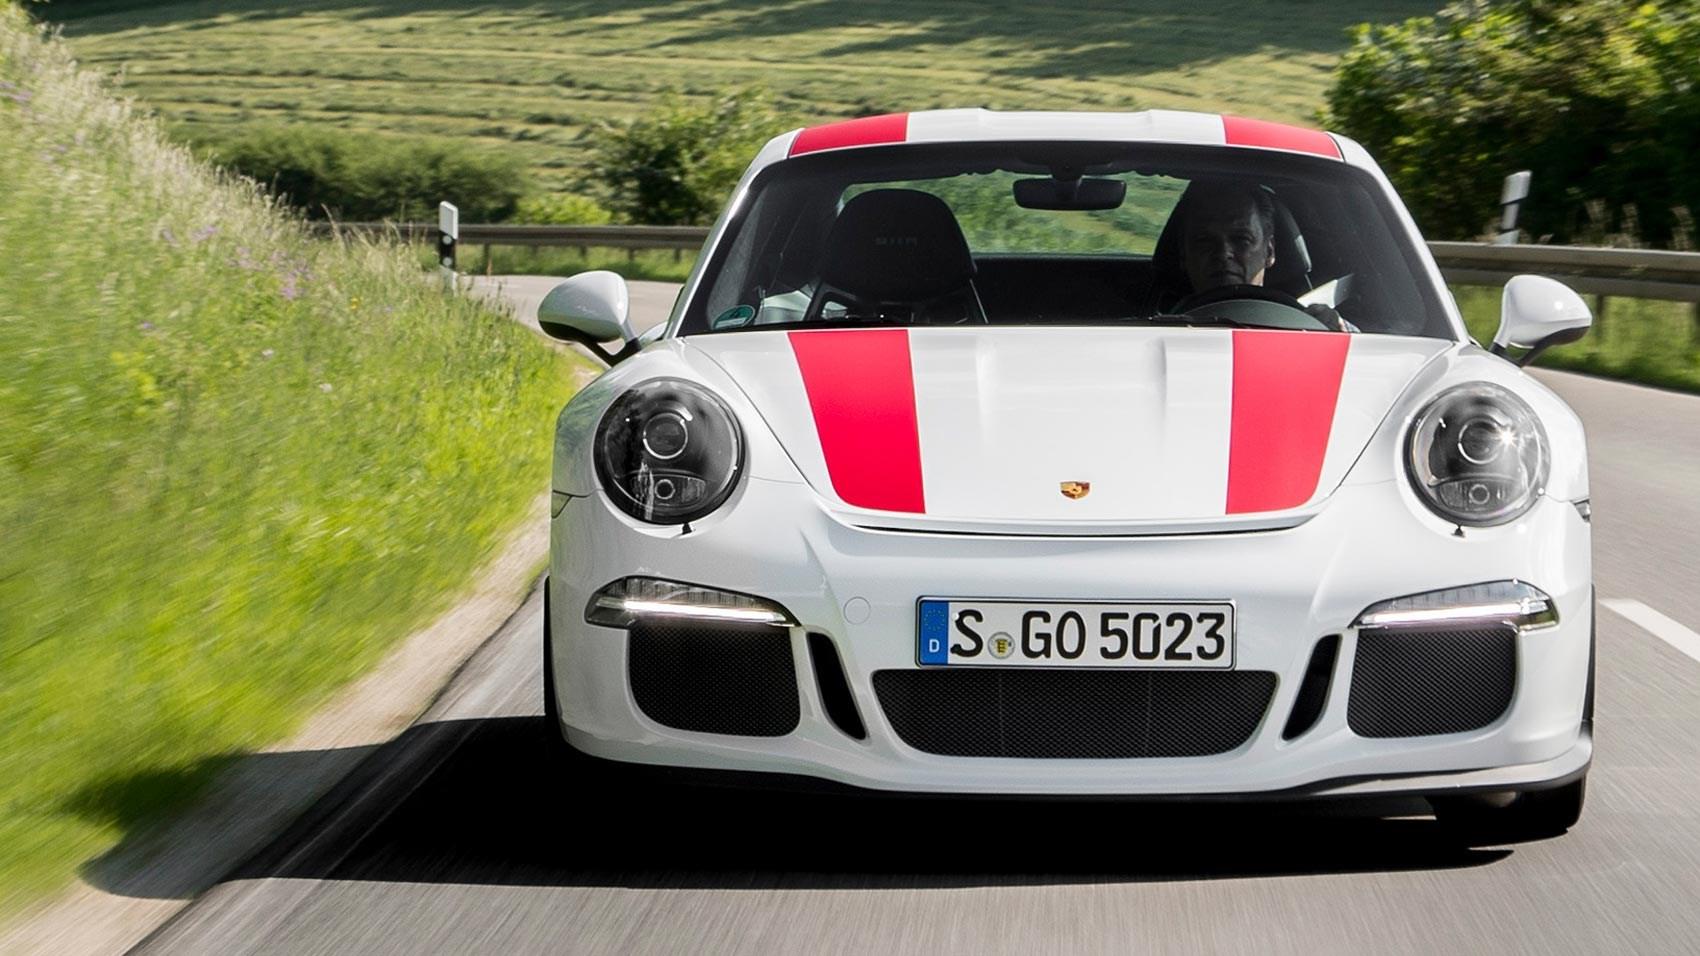 Porsche 911 r 2016 review by car magazine 2016 porsche 911 r sciox Images